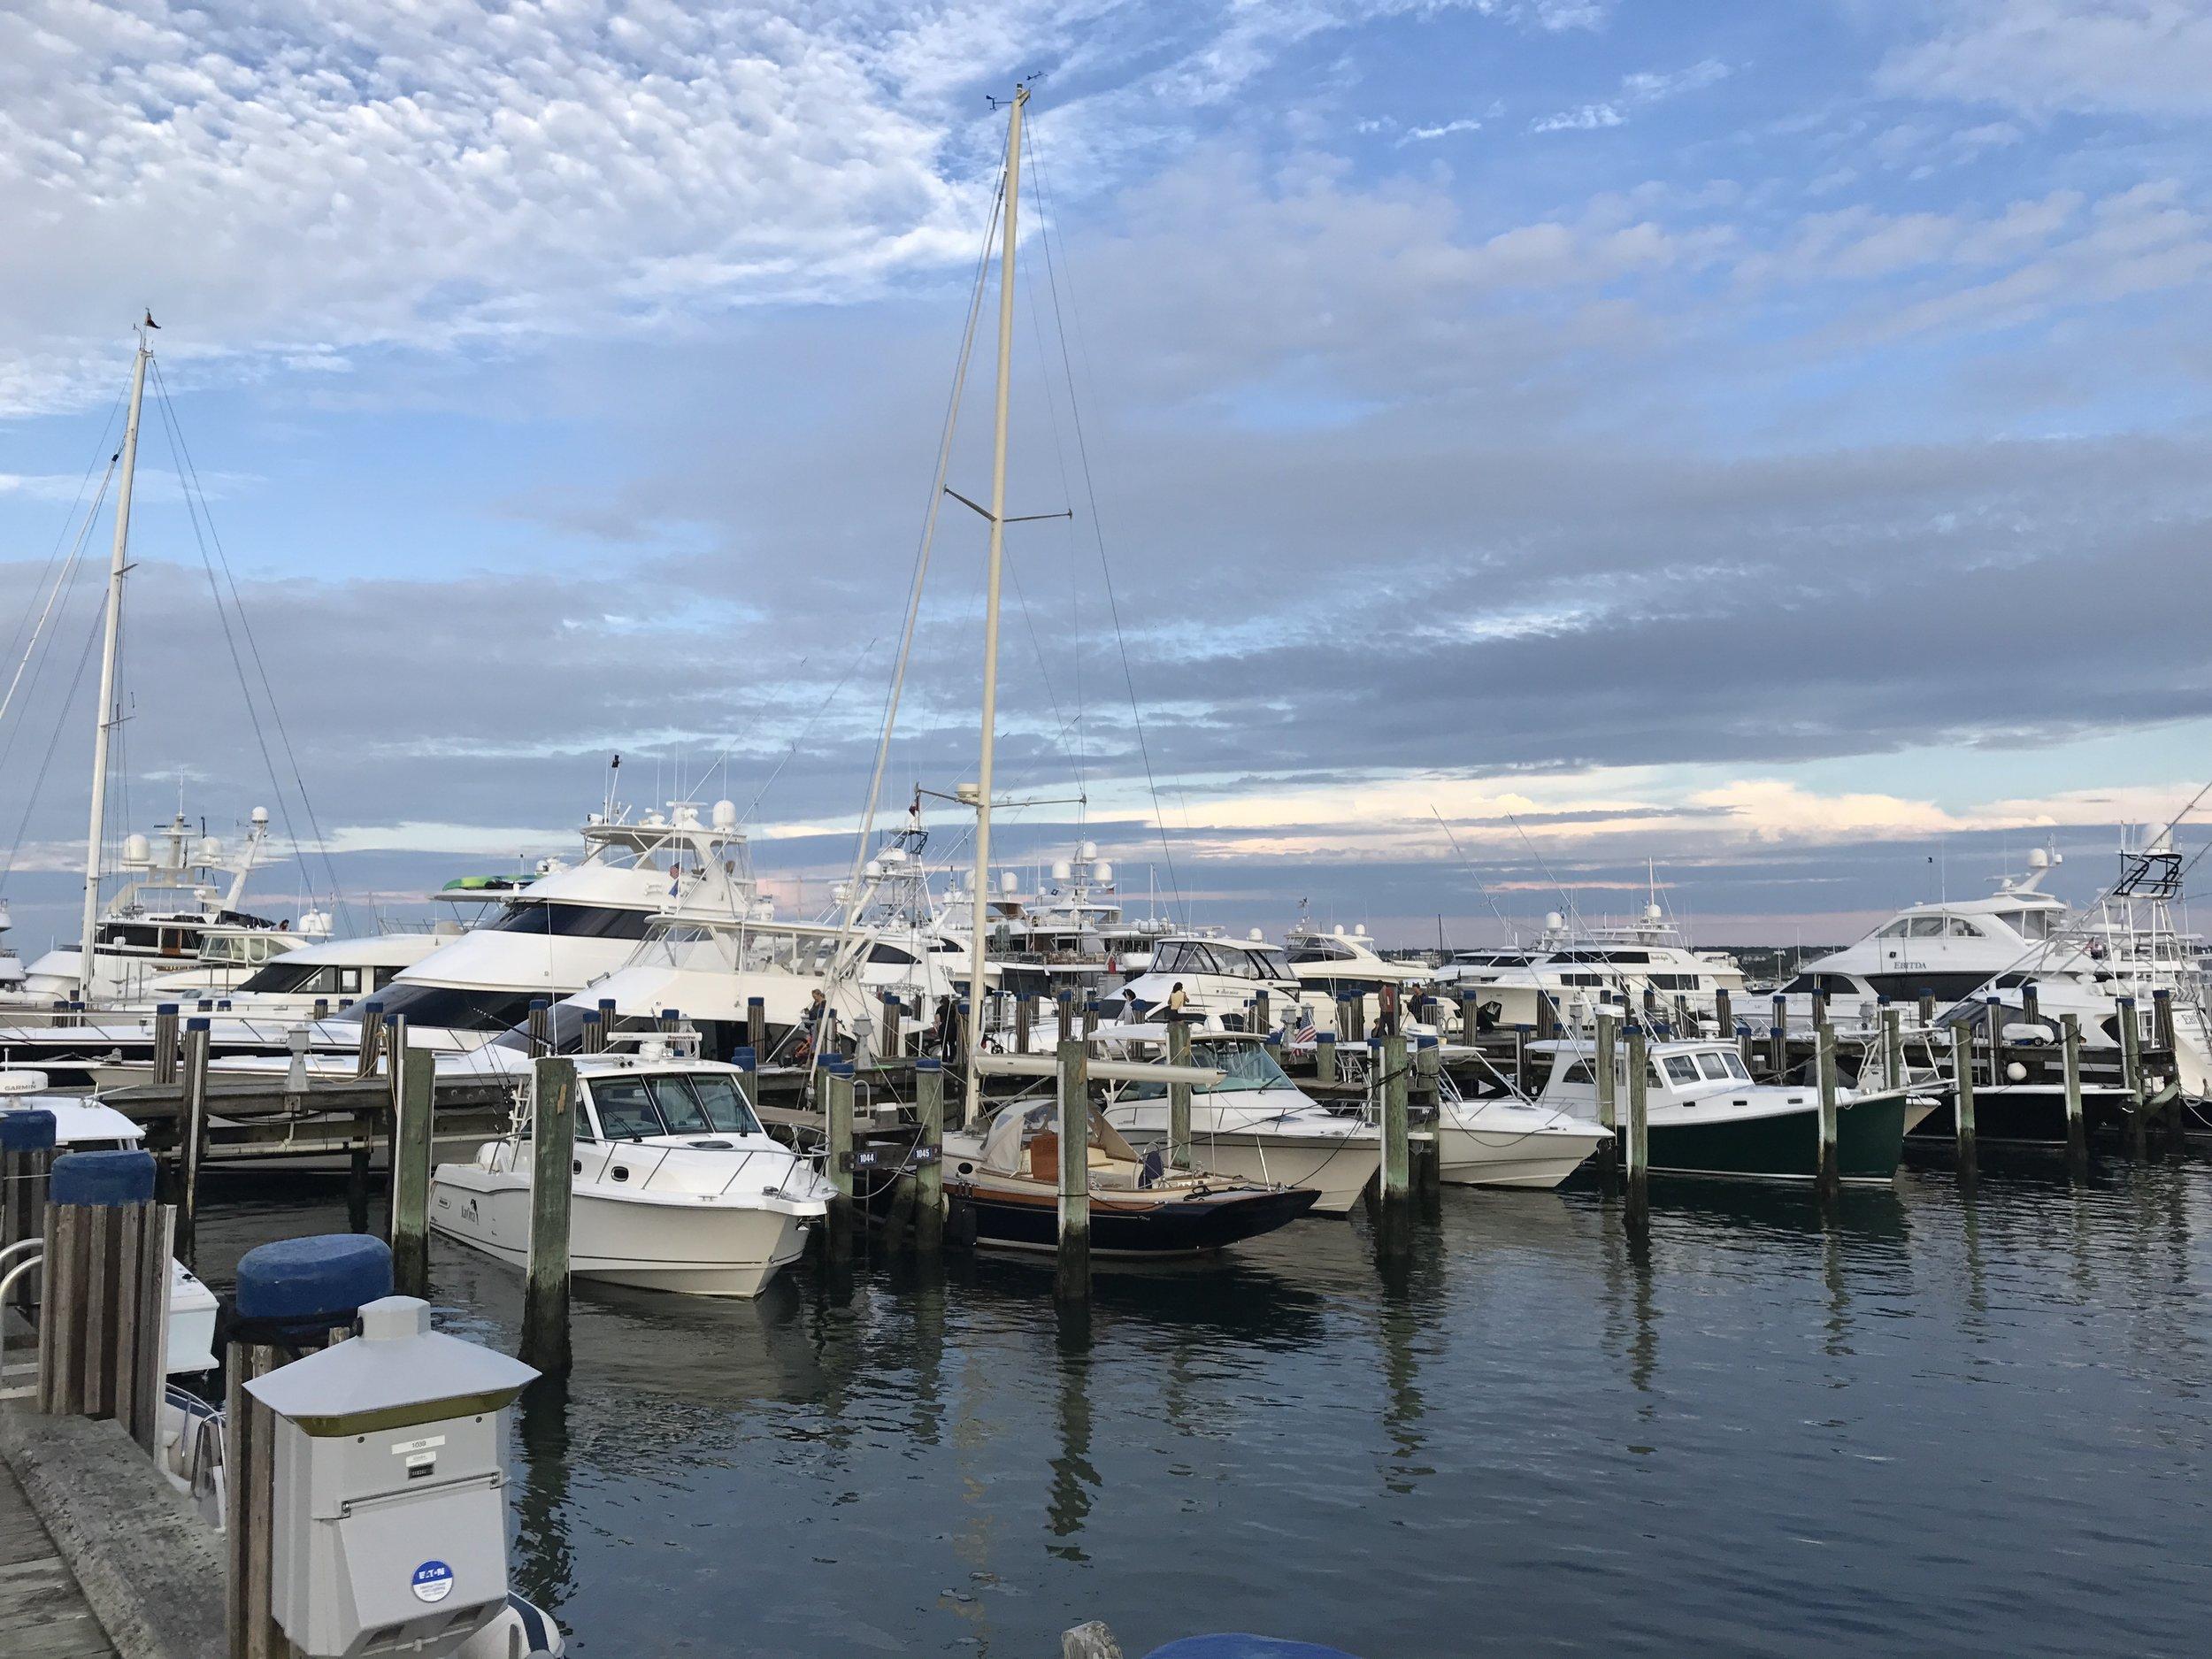 Nantucket Harbor and Yachts.jpg